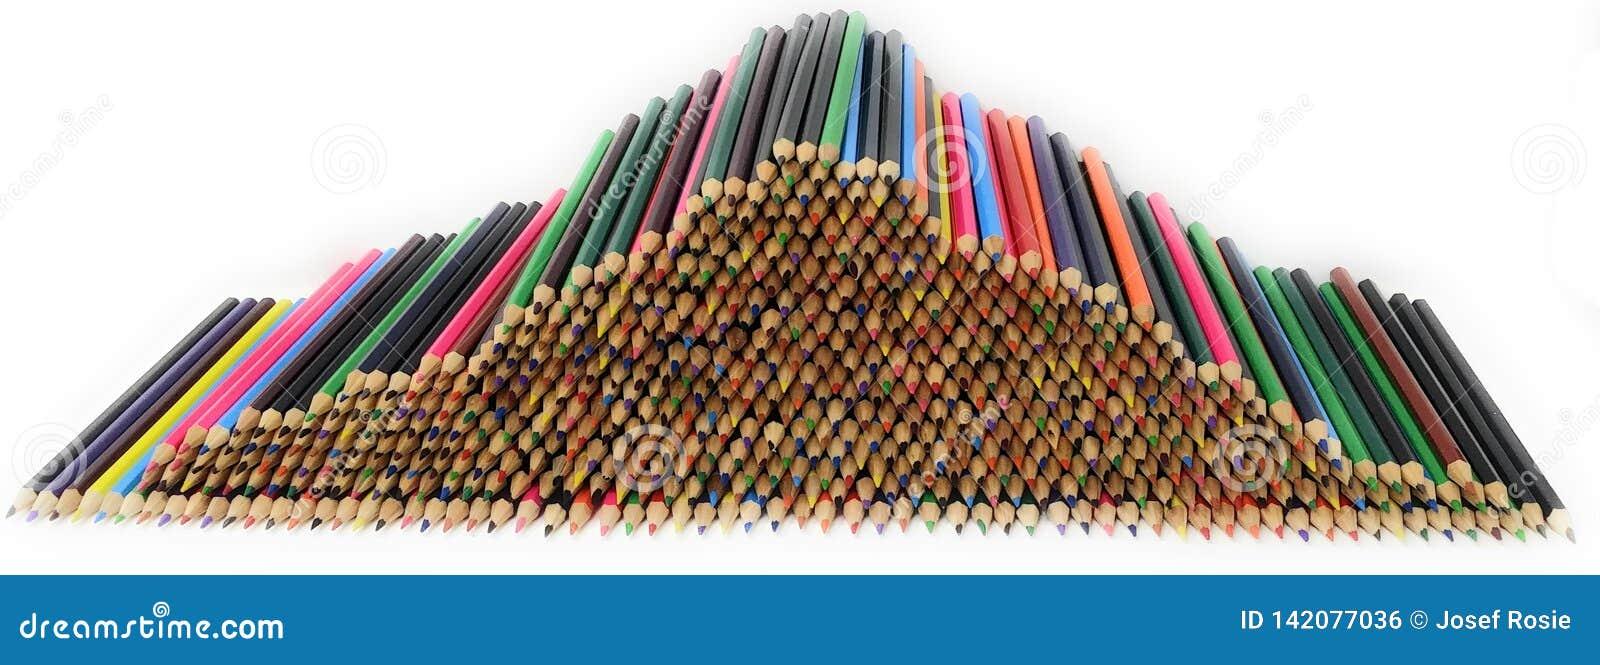 Une pile des crayons colorés